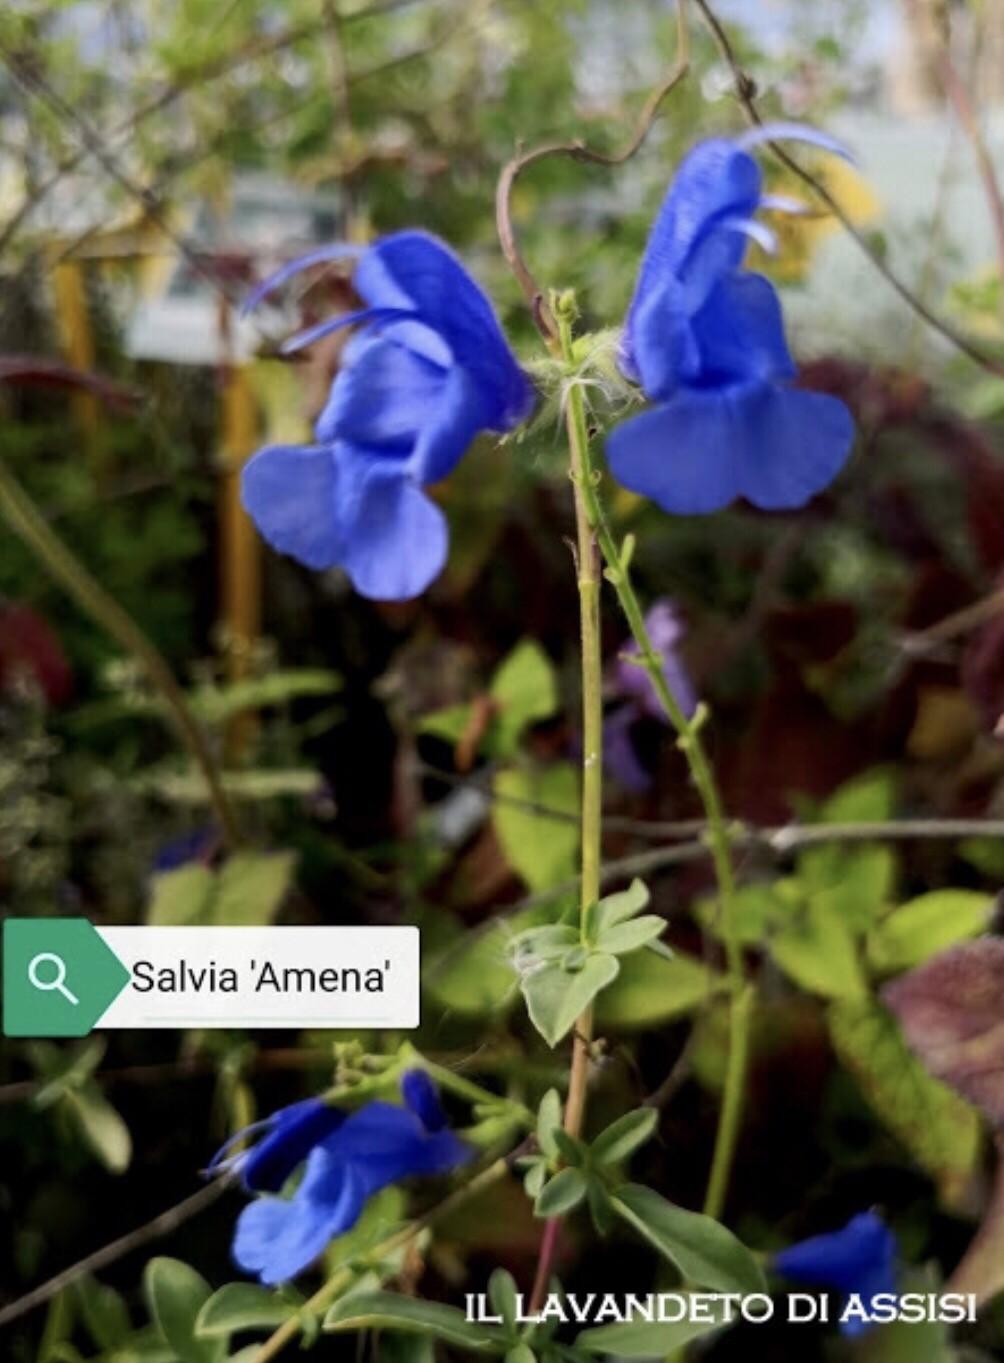 """Salvia """" Amena"""" (14 Cm) Ordinare dal sito: https://www.illavandetodiassisi.com/catalogo-vendita-online.html"""